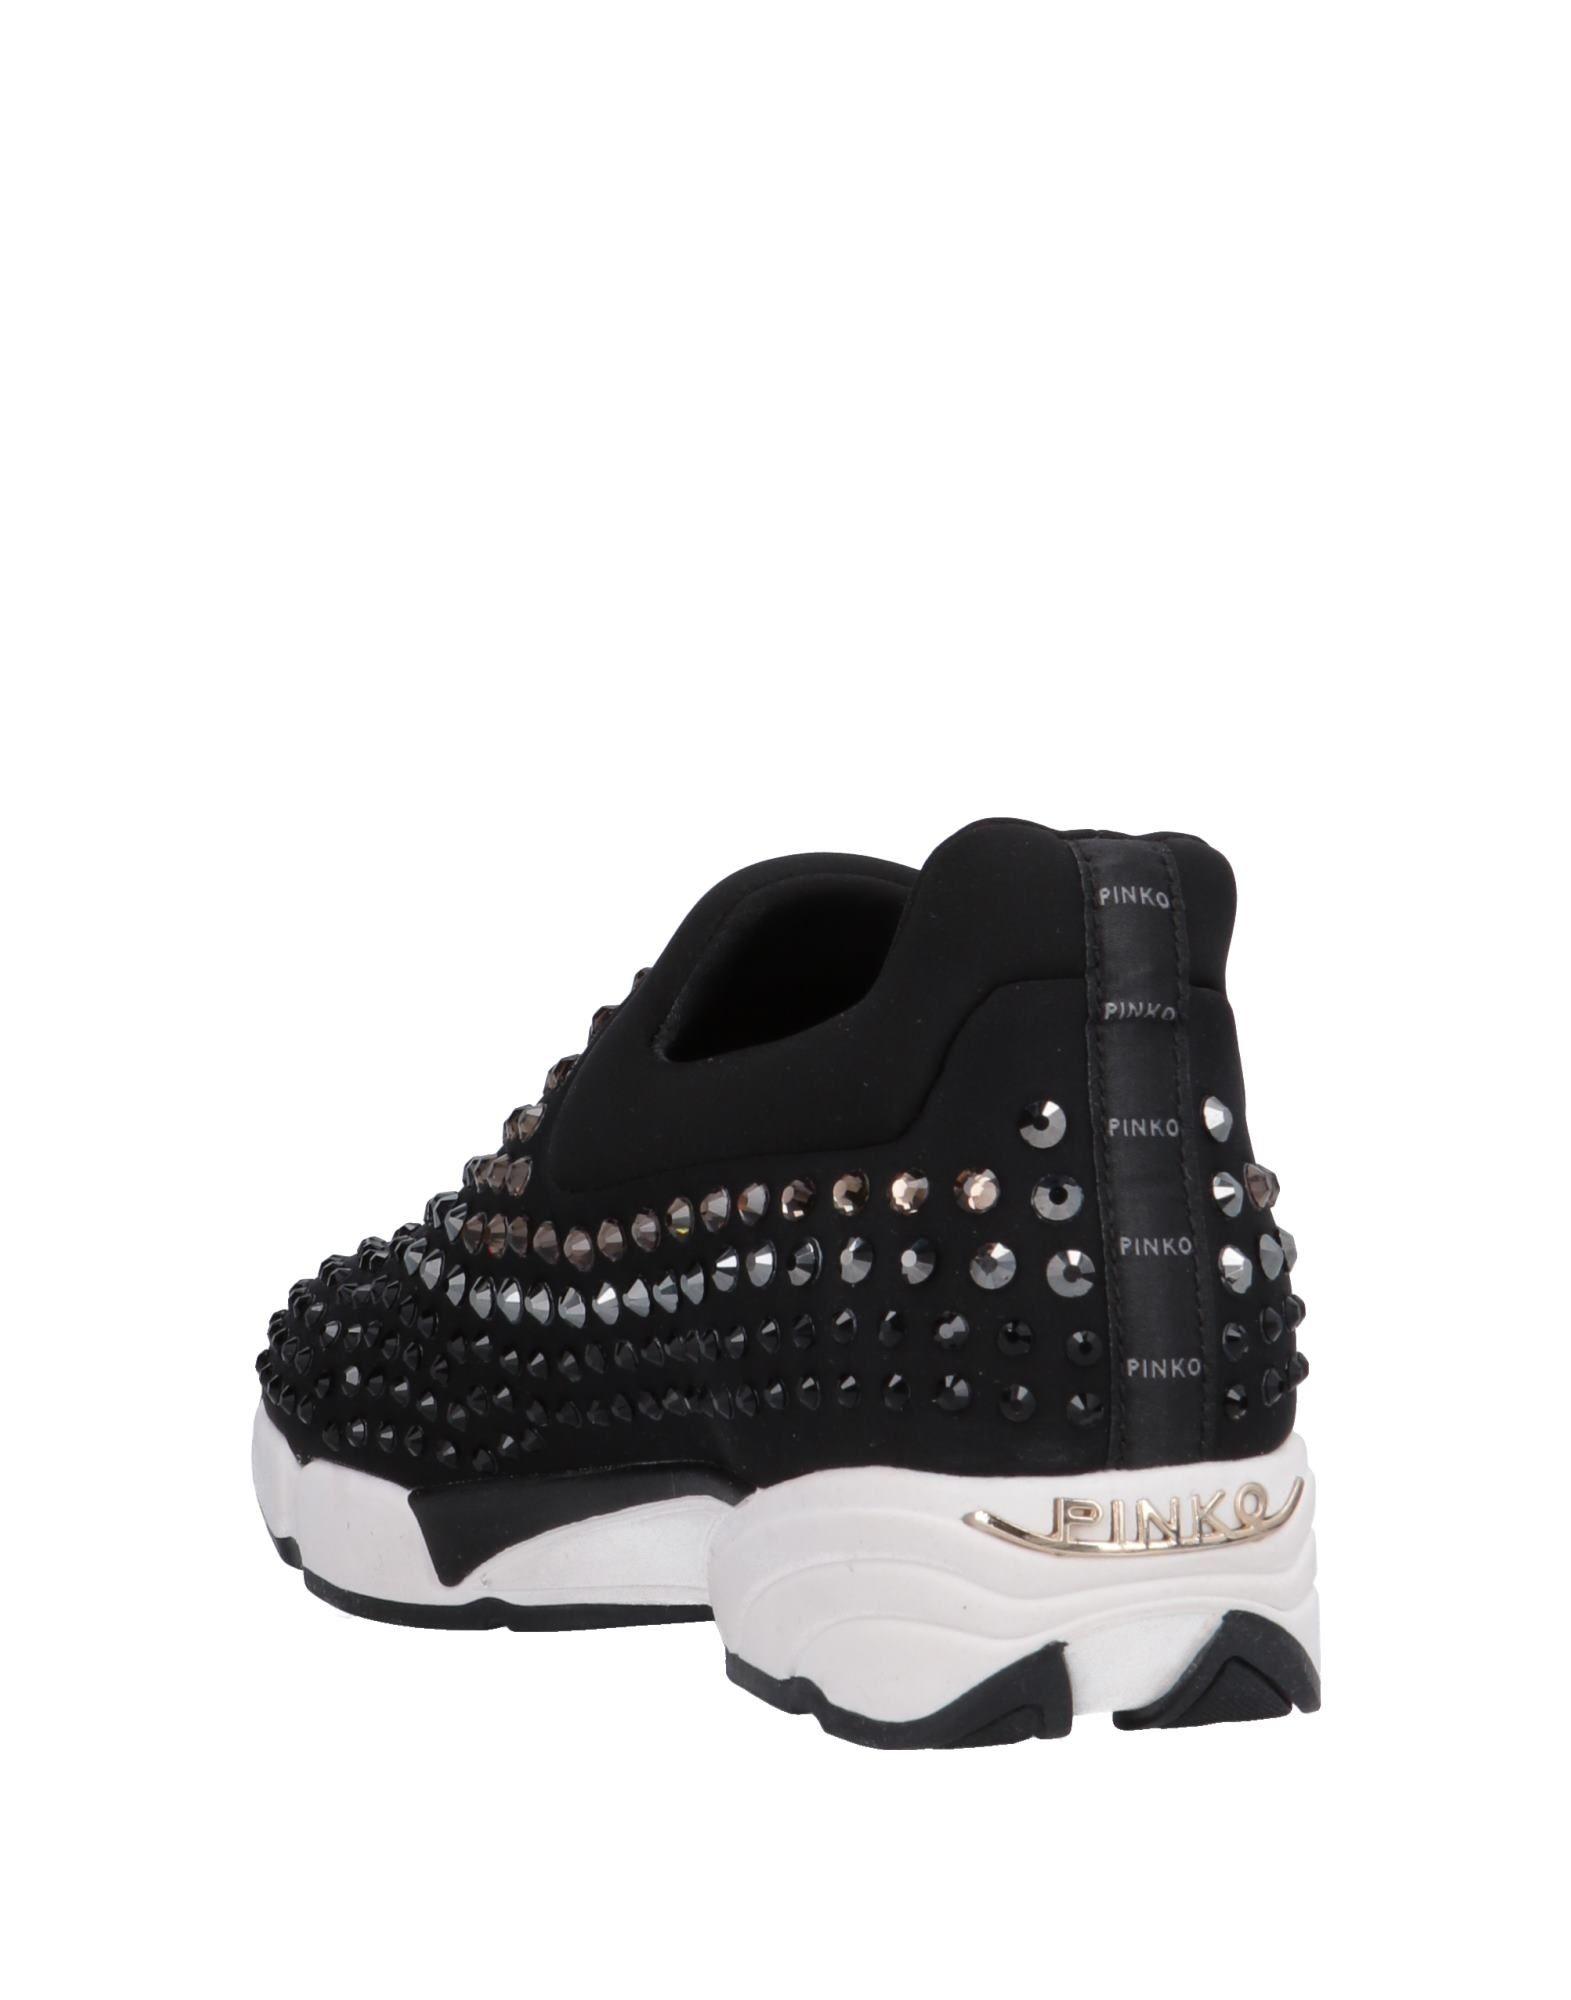 Pinko Sneakers Damen  11239334VI Gute Qualität beliebte Schuhe Schuhe Schuhe d8821f